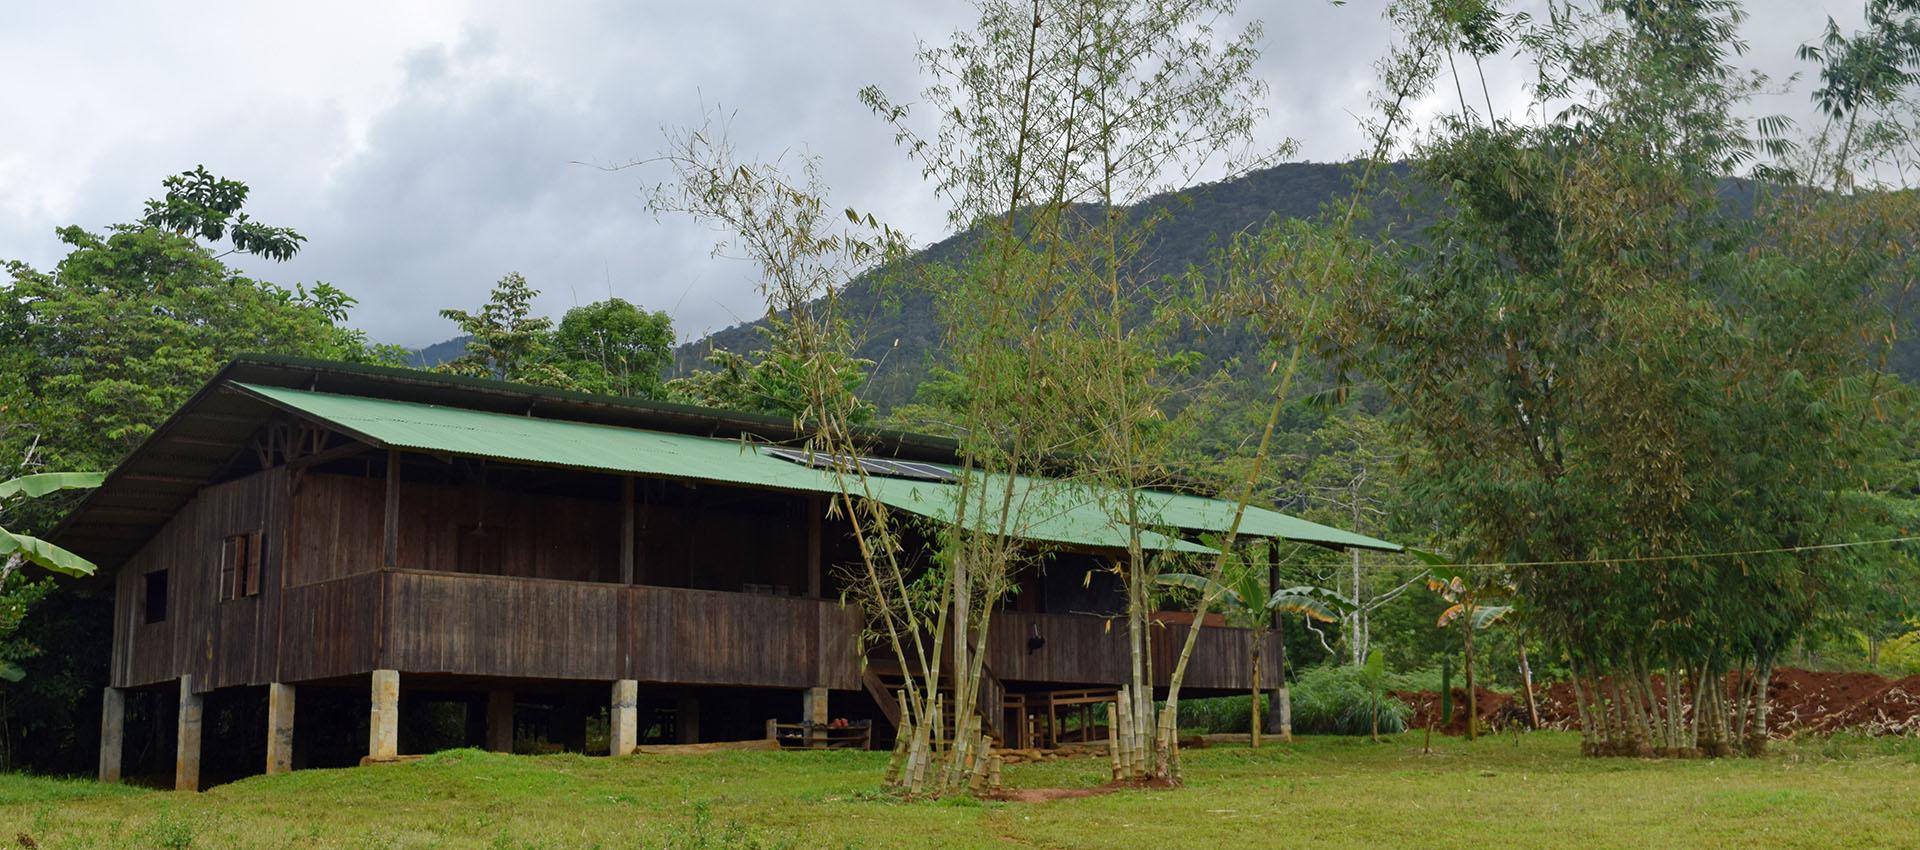 El espíritu y la vida del pueblo en Bukidnon